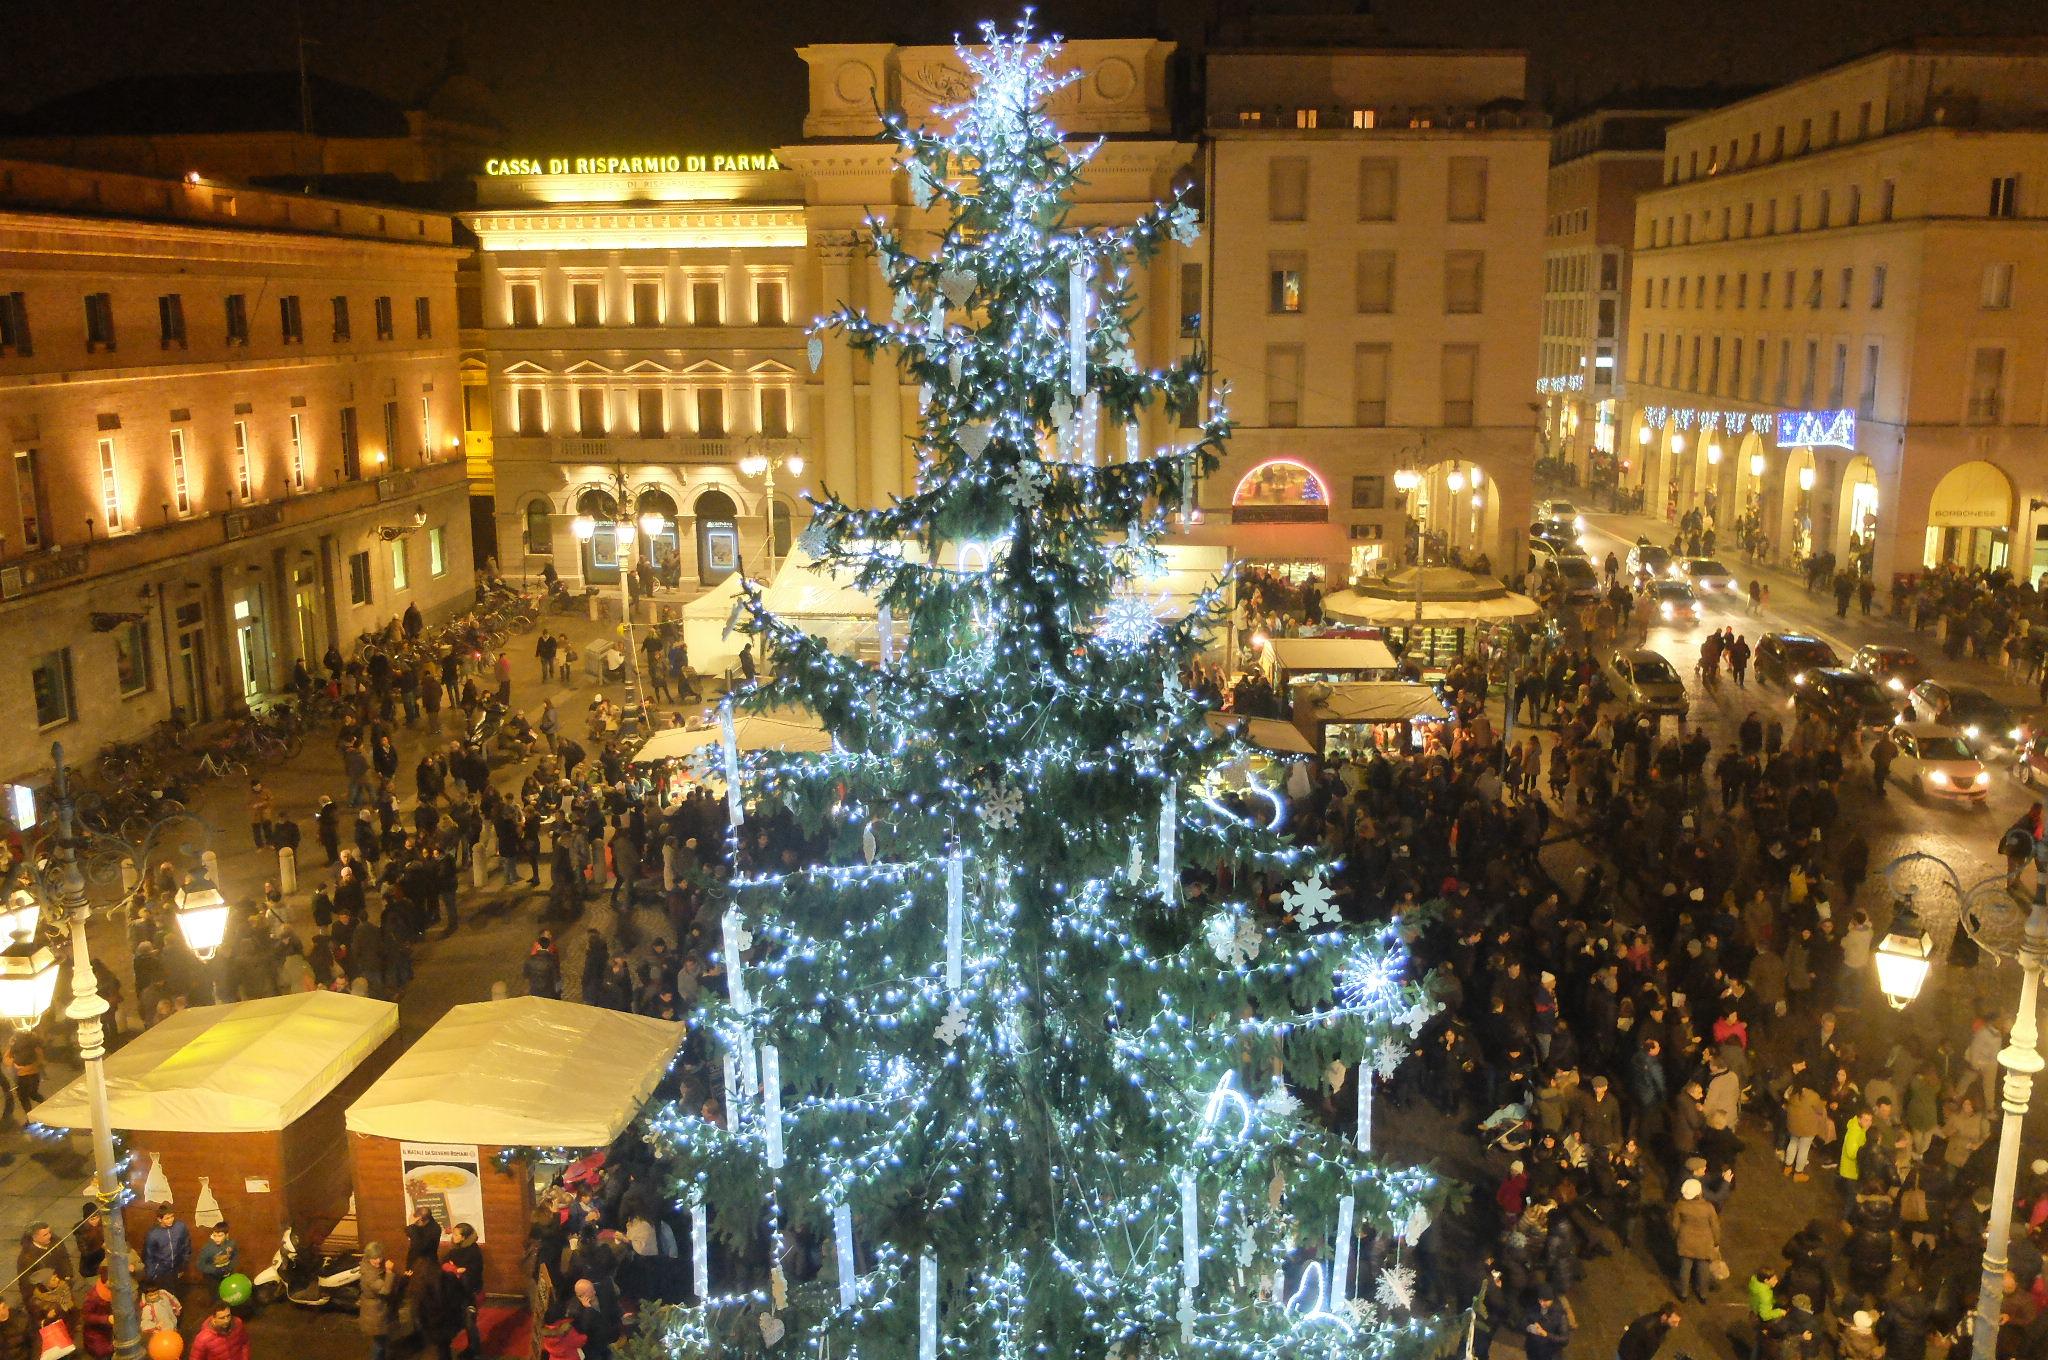 Albero Di Natale 8 Dicembre.Giovedi 8 Dicembre Accensione Dell Albero Di Natale In Piazza